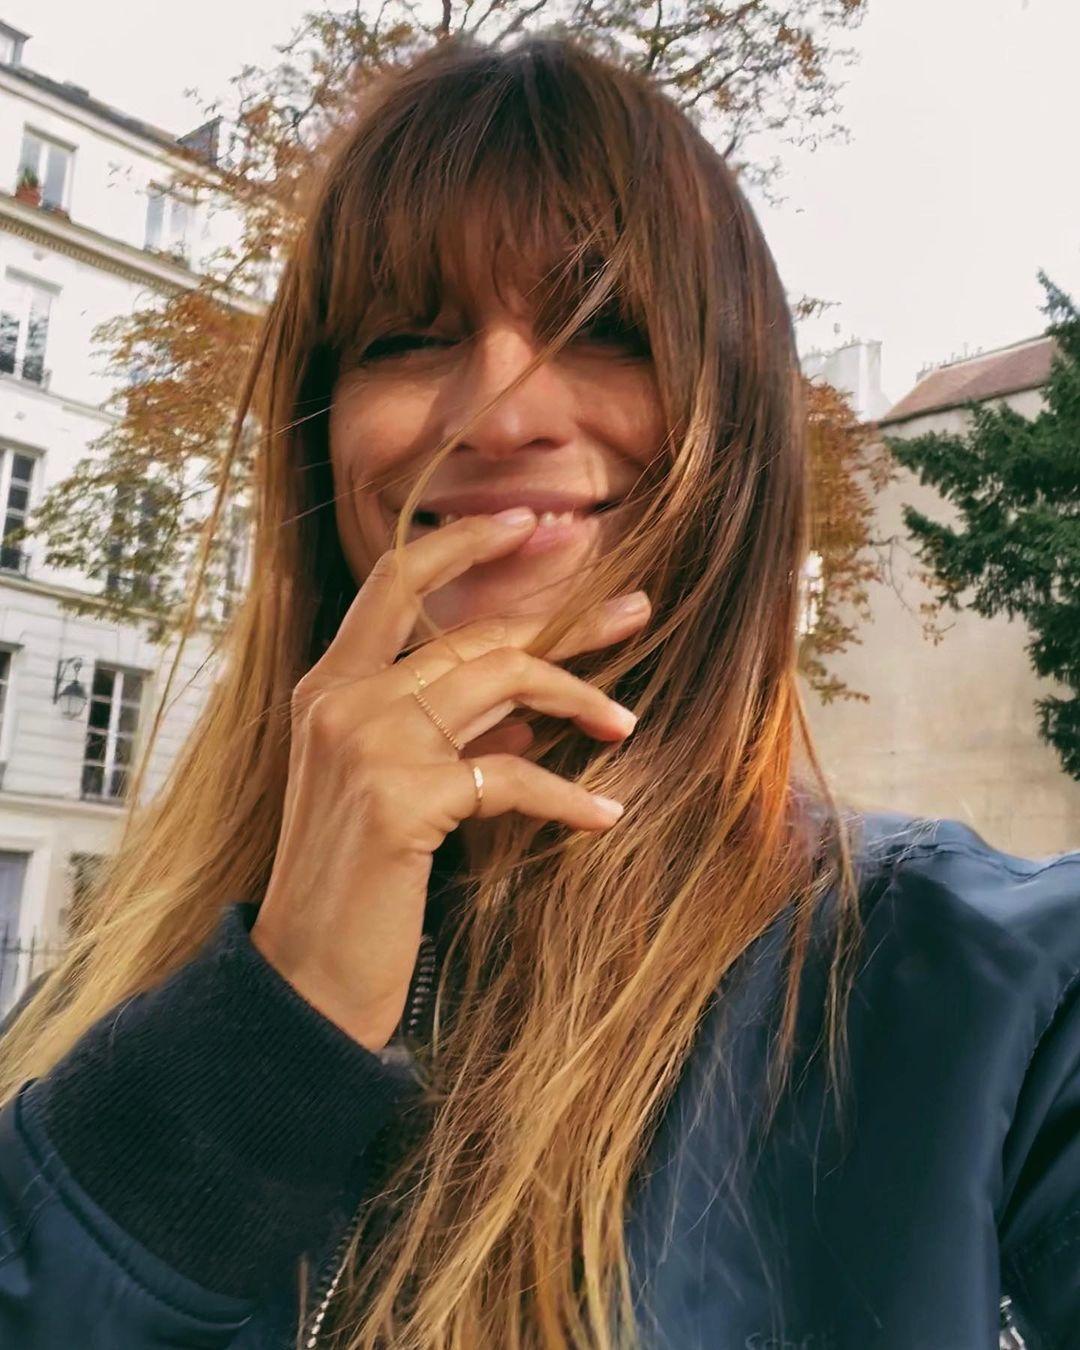 8 kiểu tóc gái Pháp luôn yêu cầu cắt khi ghé salon: Đơn giản mà cực sang chảnh, học theo thì thần thái lên hương - Ảnh 1